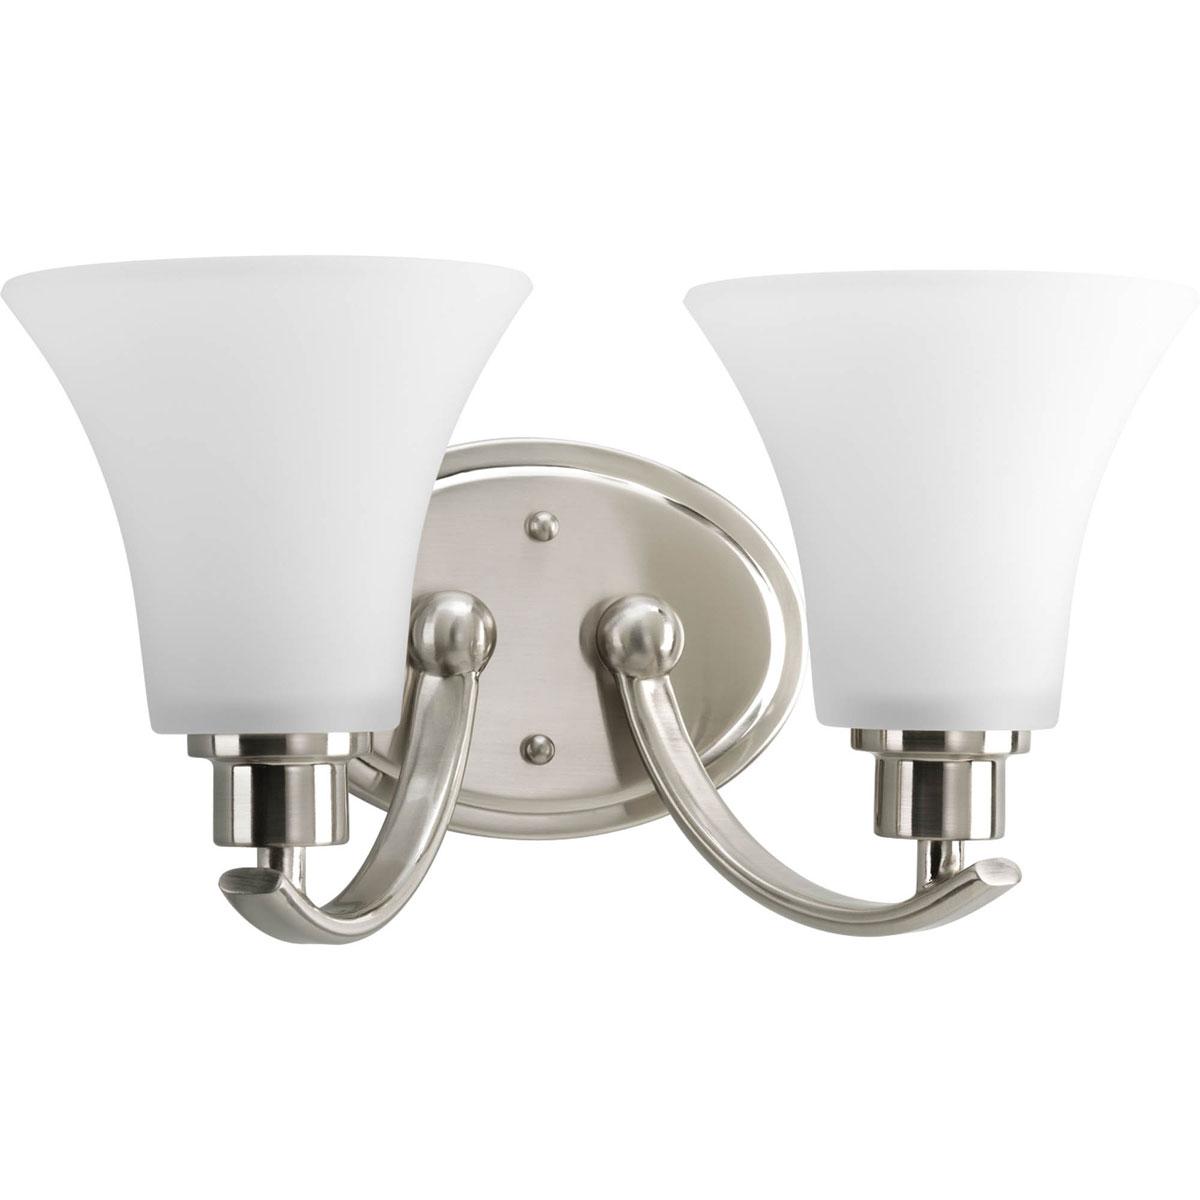 Lighting fixtures chandeliers wall lights floor lamps progress lighting arubaitofo Gallery